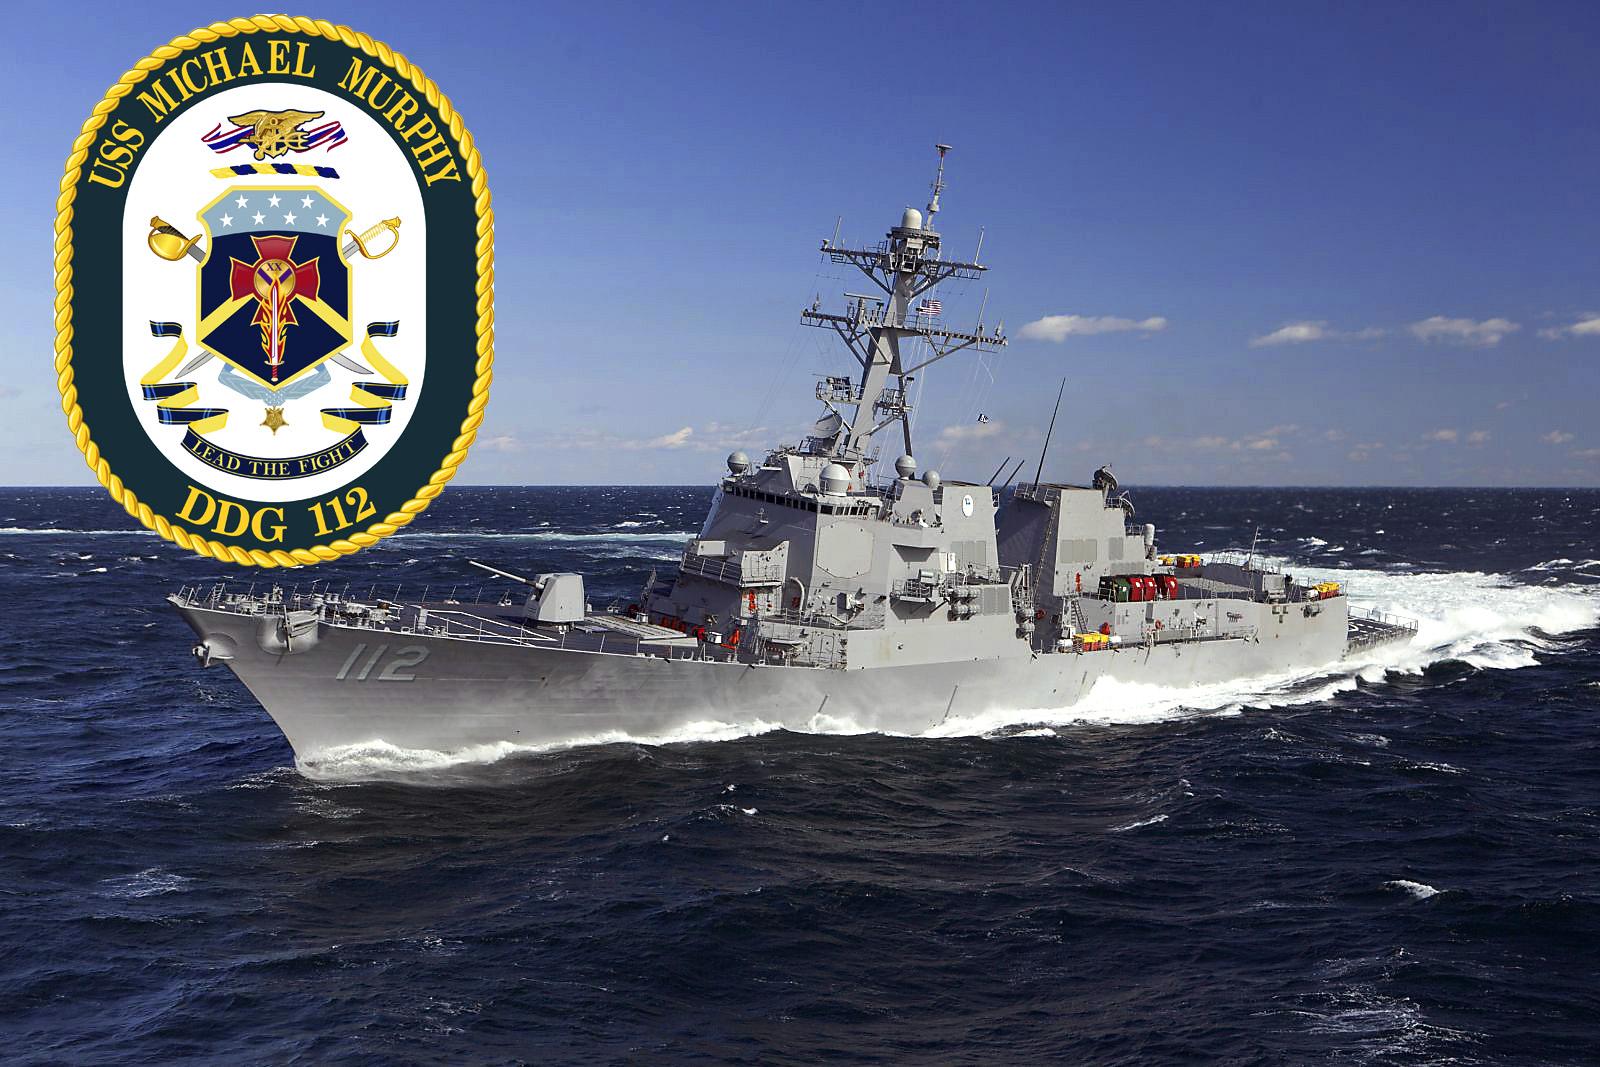 USS MICHAEL MURPHY DDG-112 Bild und Garfik: U.S. Navy